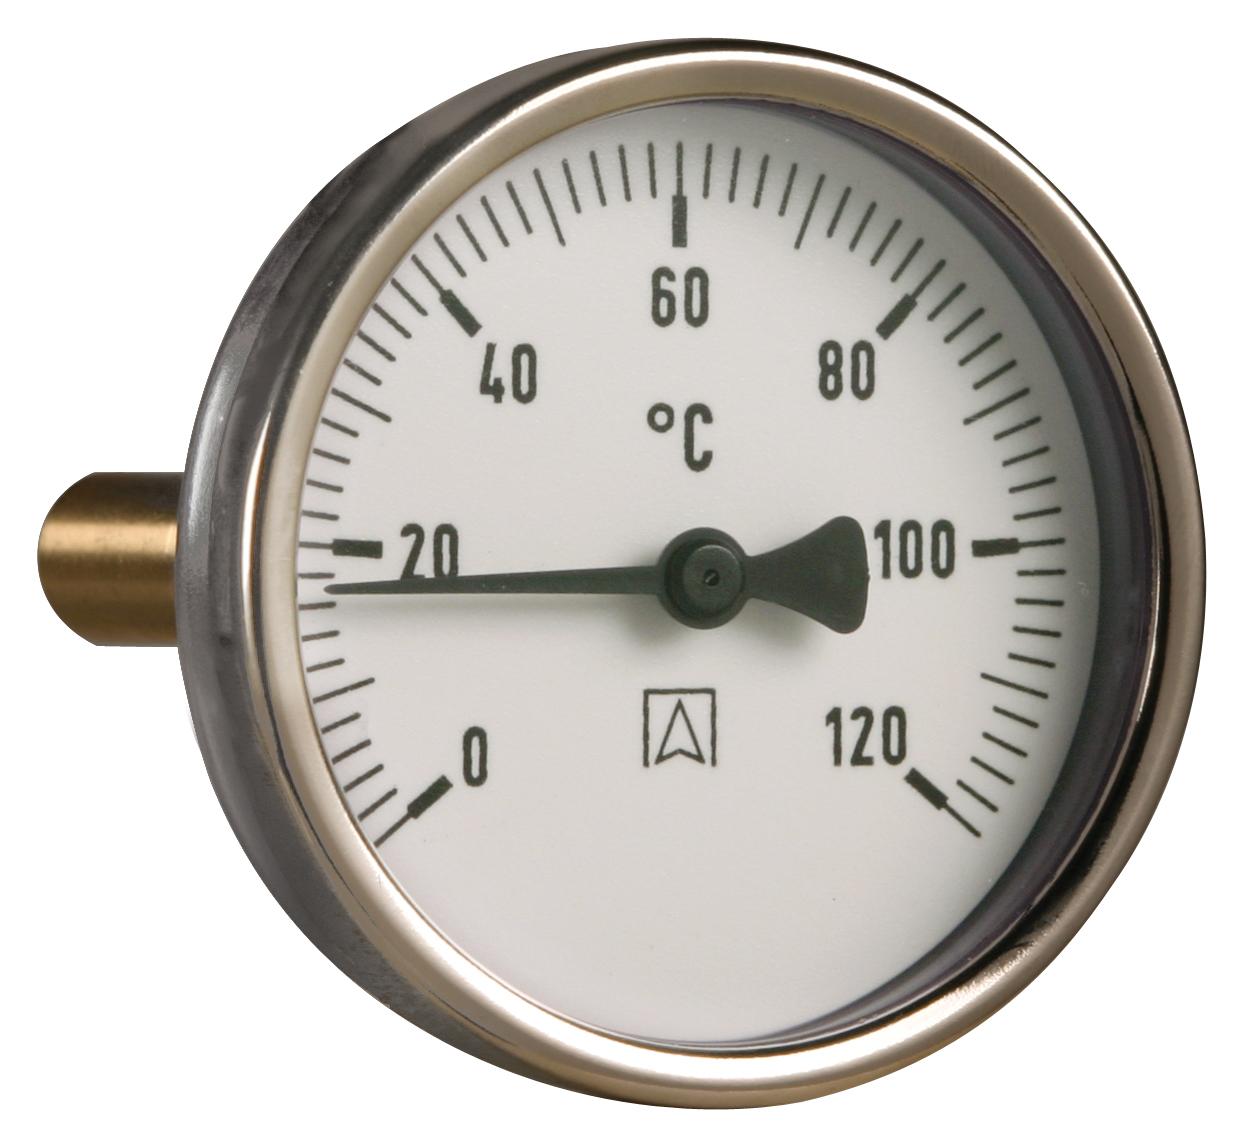 Termometr bimetaliczny BiTh 100,fi100 mm, -20÷60°C, L 150 mm, G1/2'' ax, kl. 2